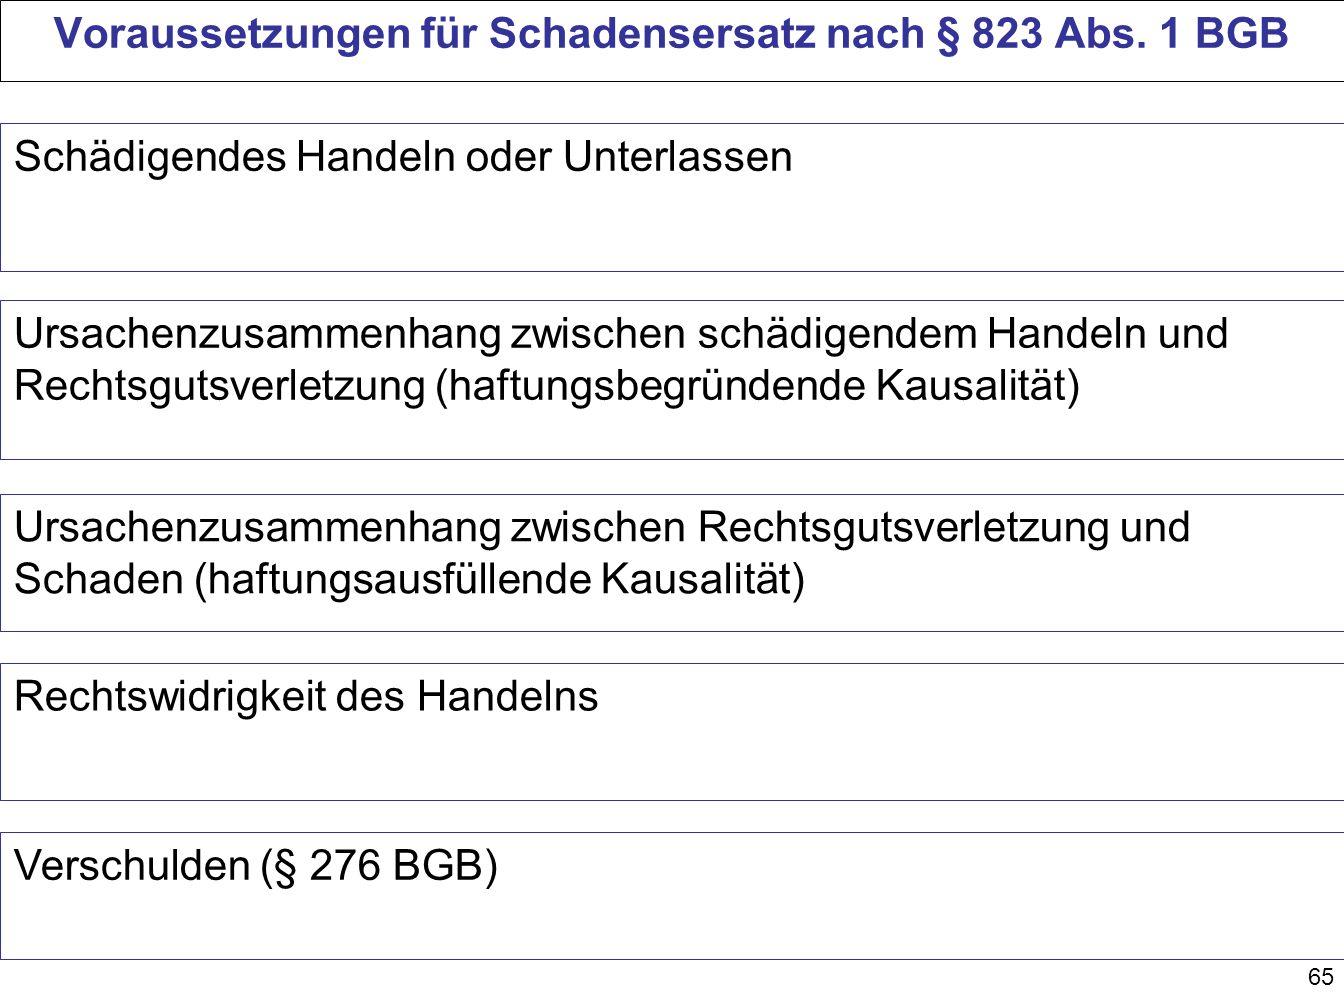 Voraussetzungen für Schadensersatz nach § 823 Abs. 1 BGB